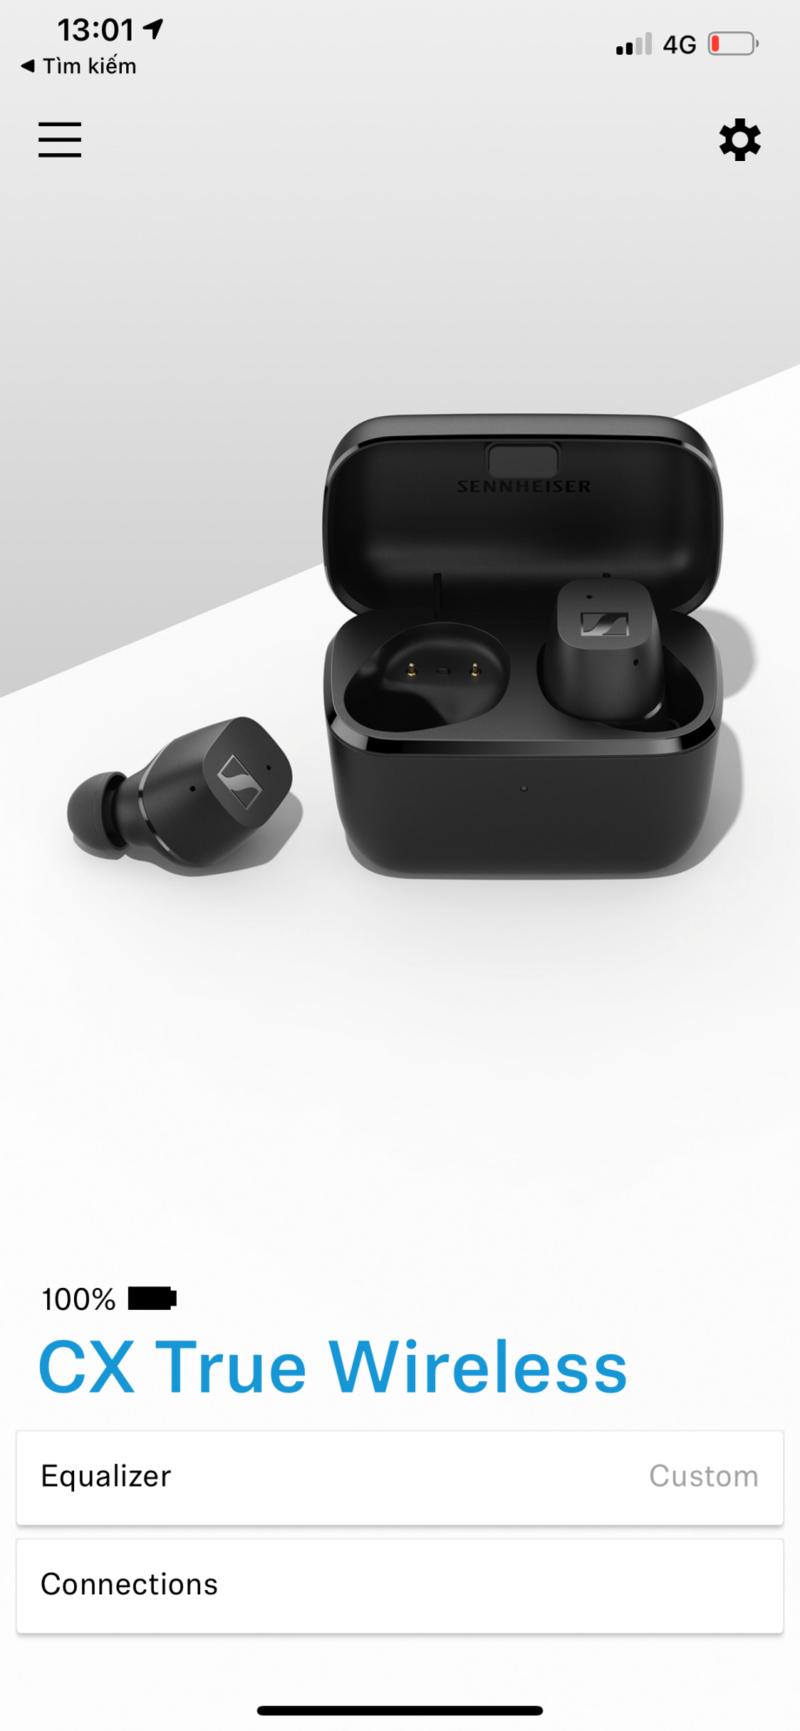 Trải nghiệm tai nghe CX True Wireless: Hướng đi mới đầy táo bạo của Sennheiser